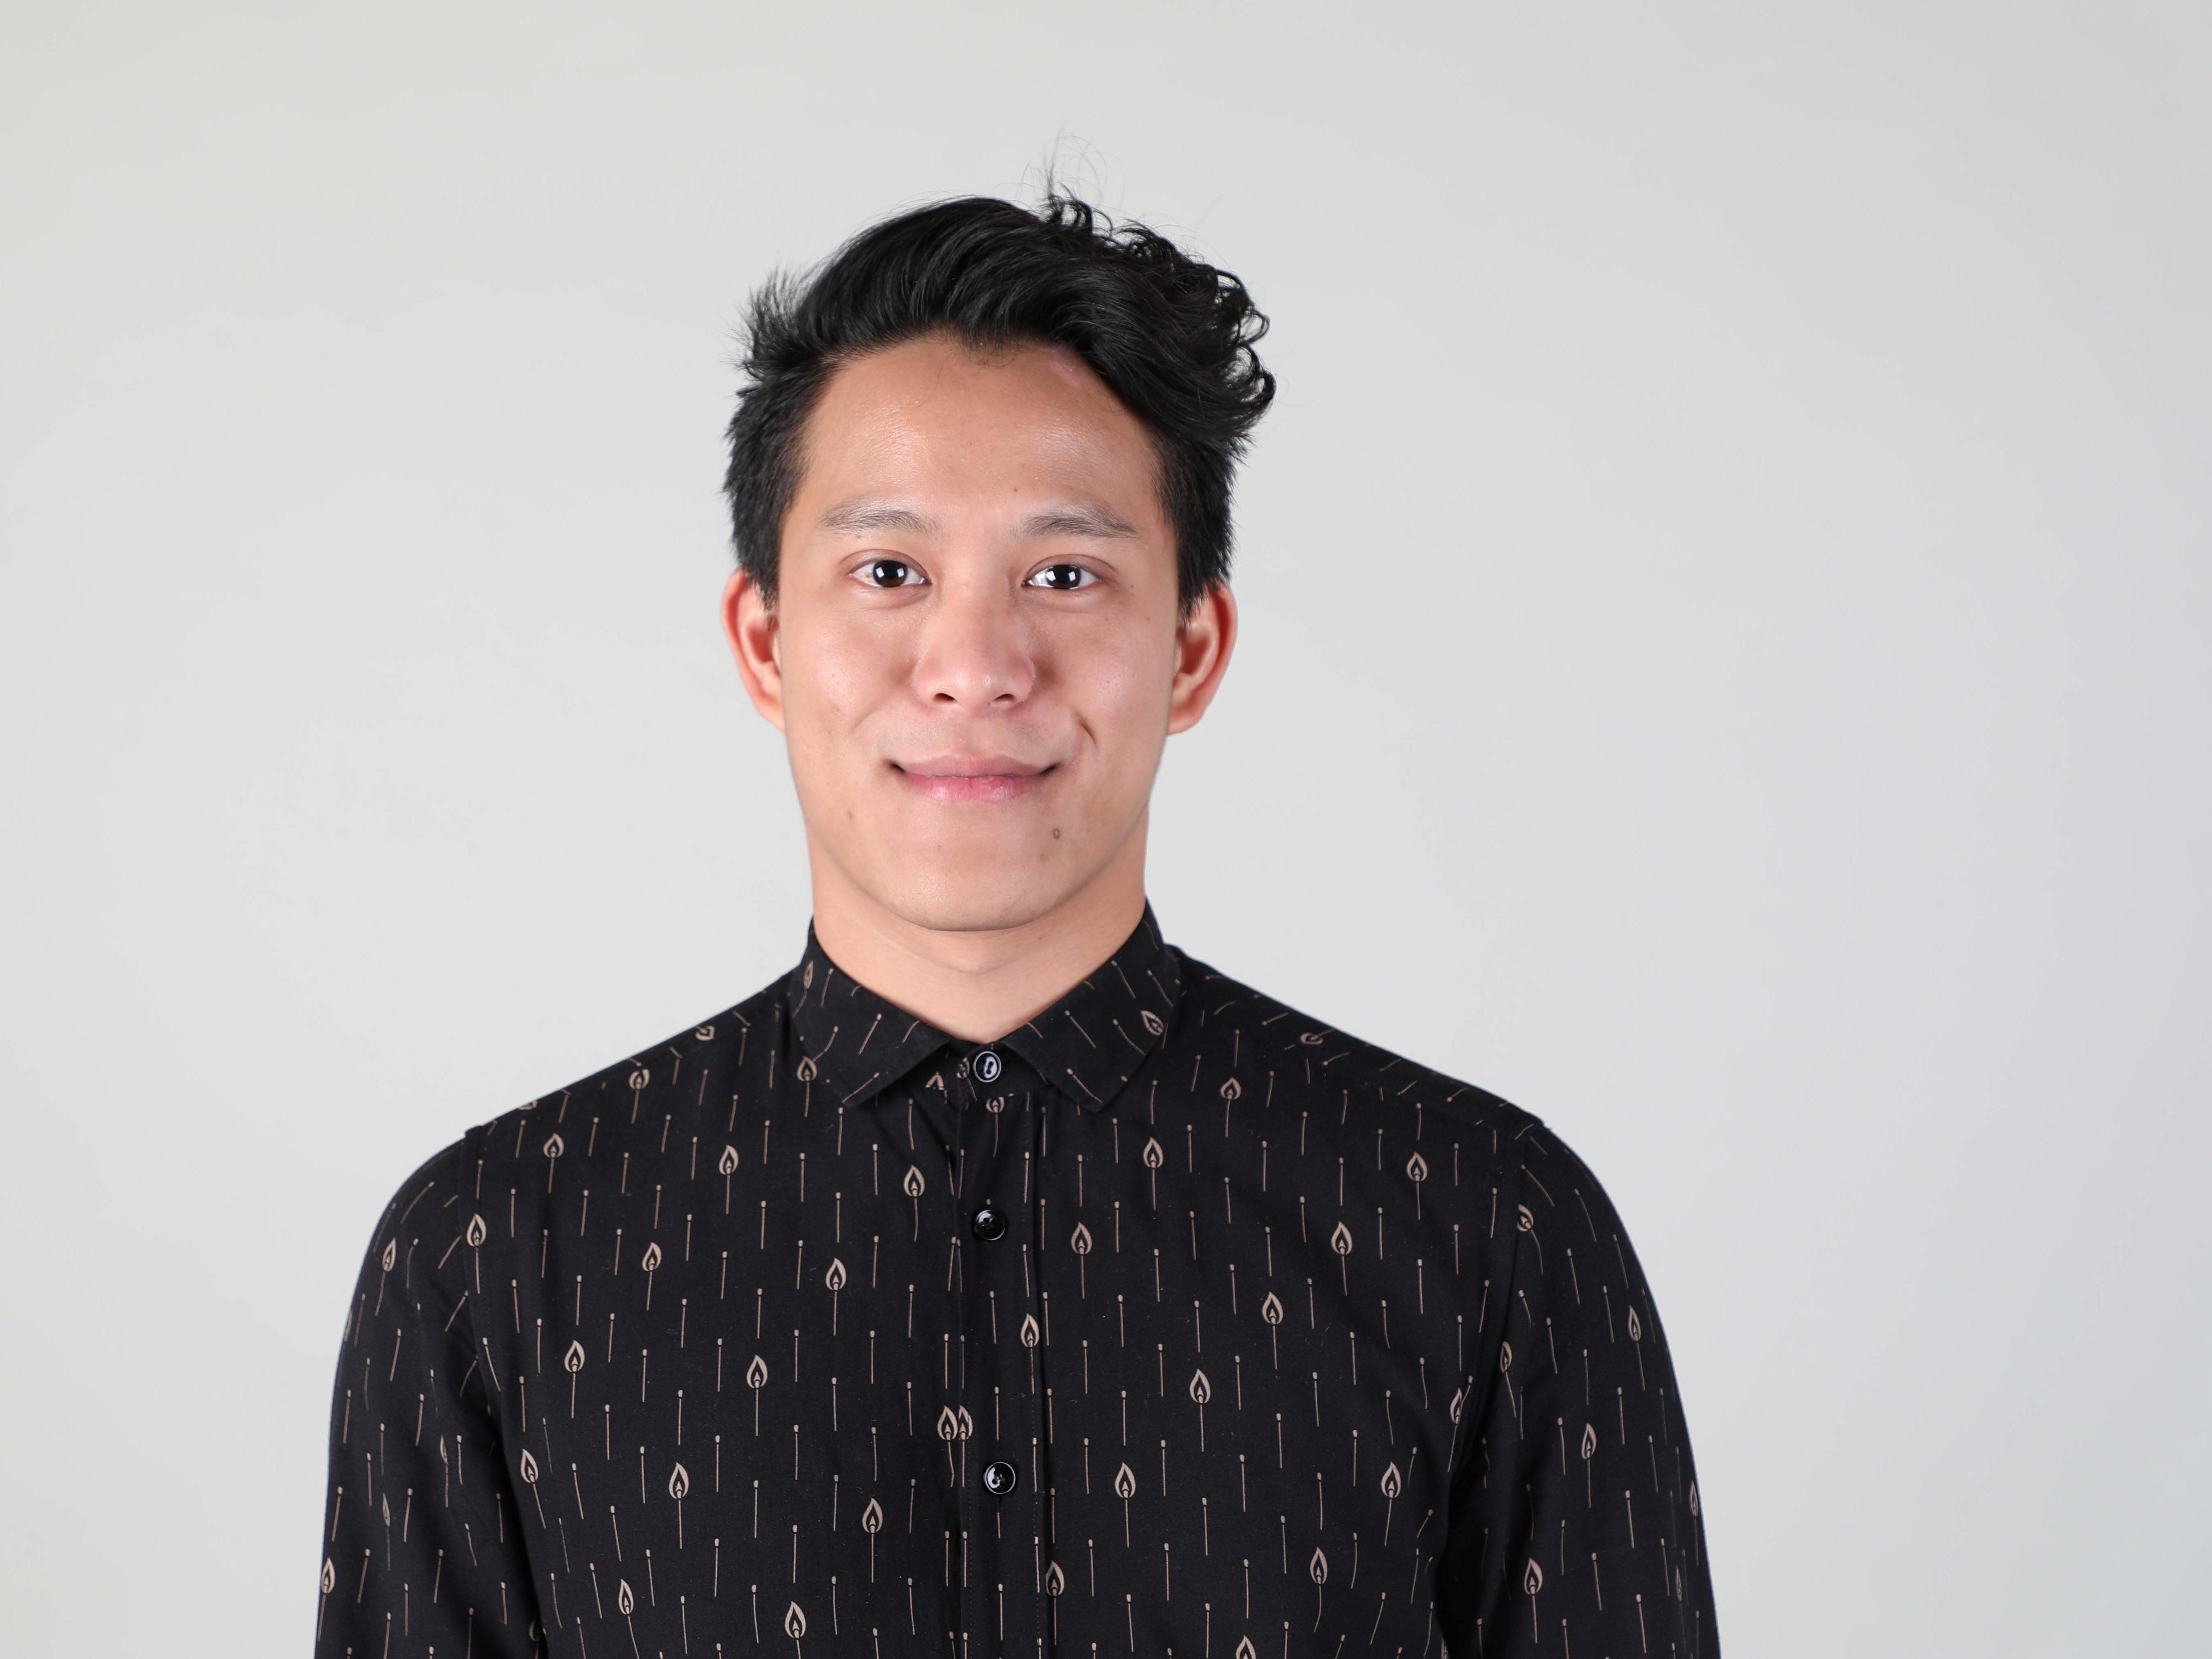 Profile photo of man looking at camera